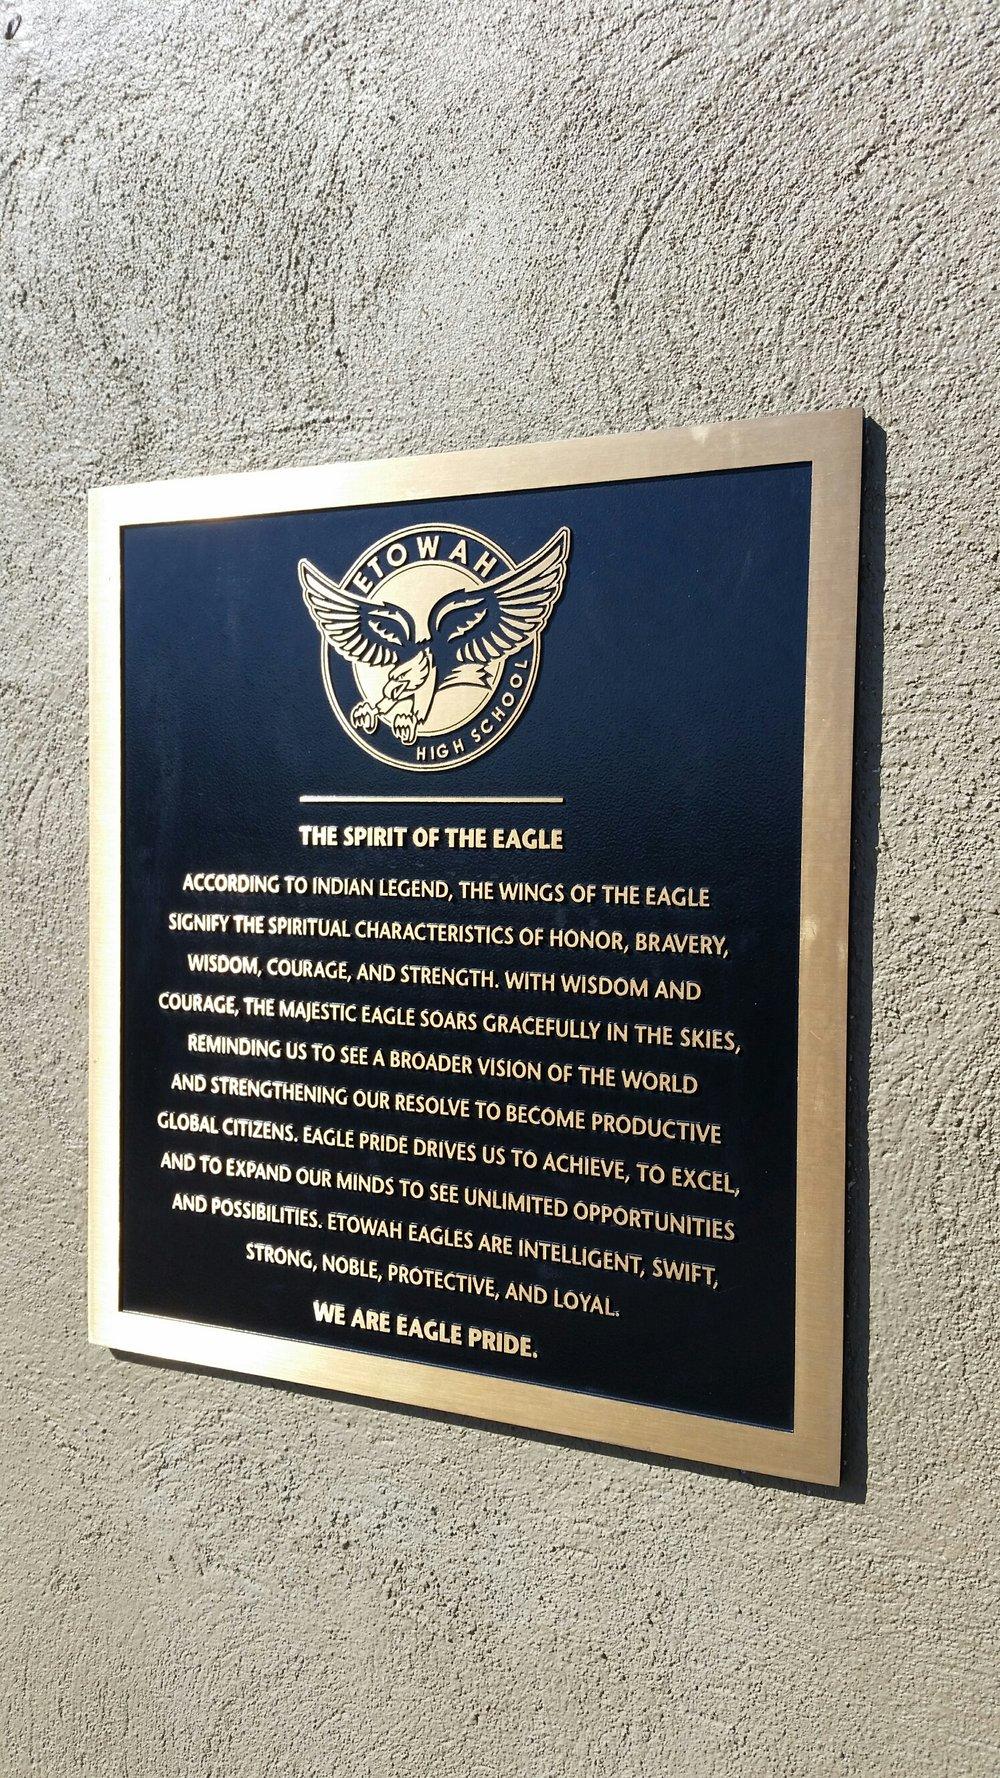 etowah HS - plaque 1.jpg